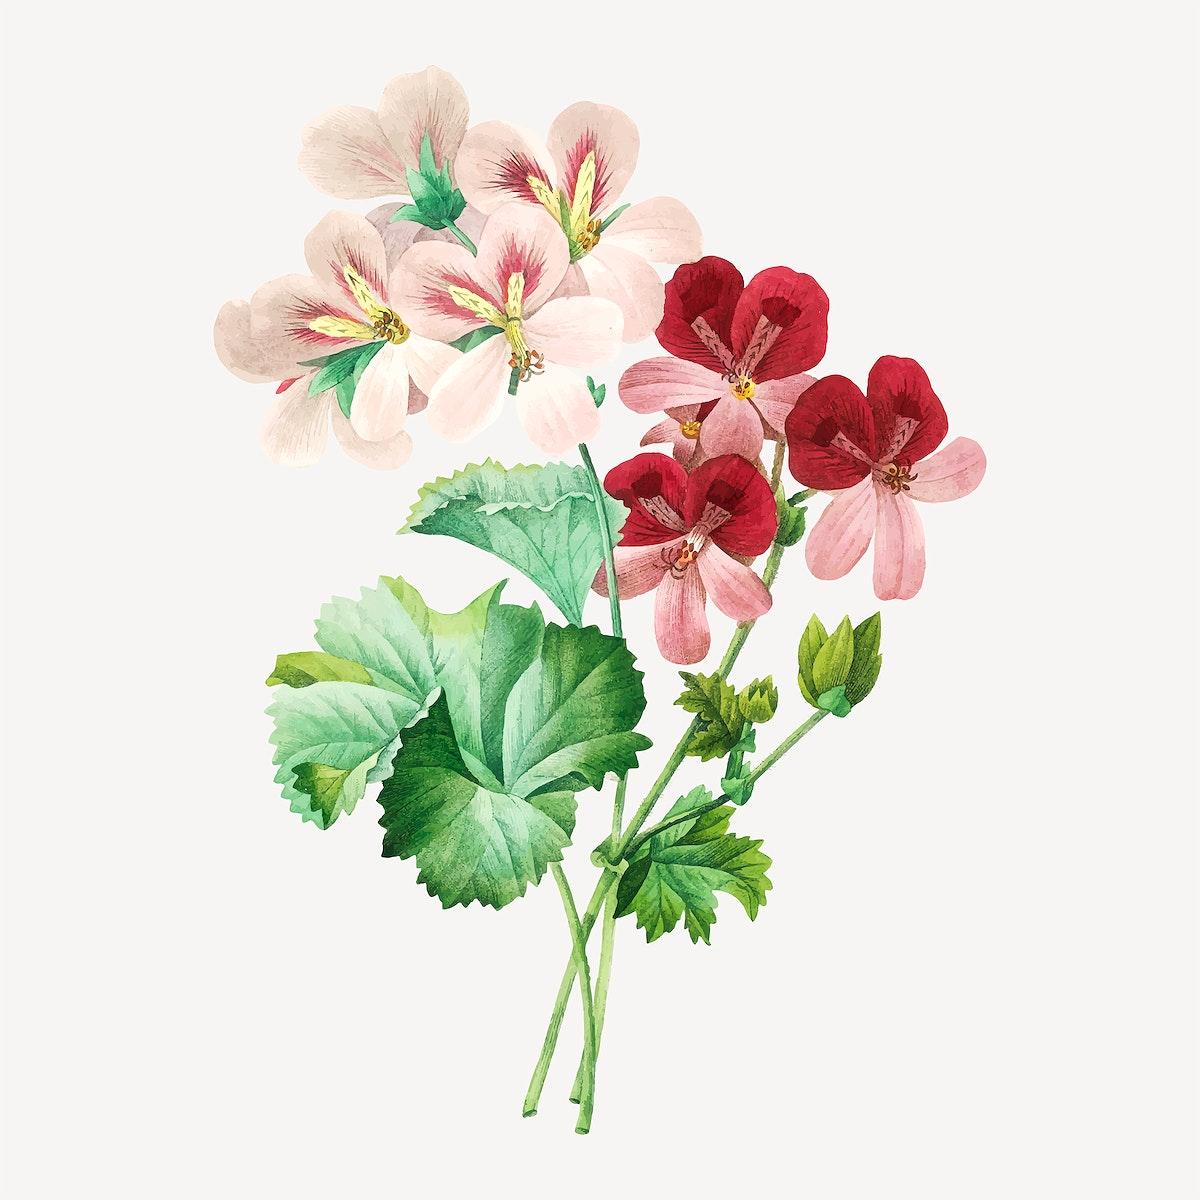 Cranesbill flower vector, remixed from artworks by Pierre-Joseph Redouté